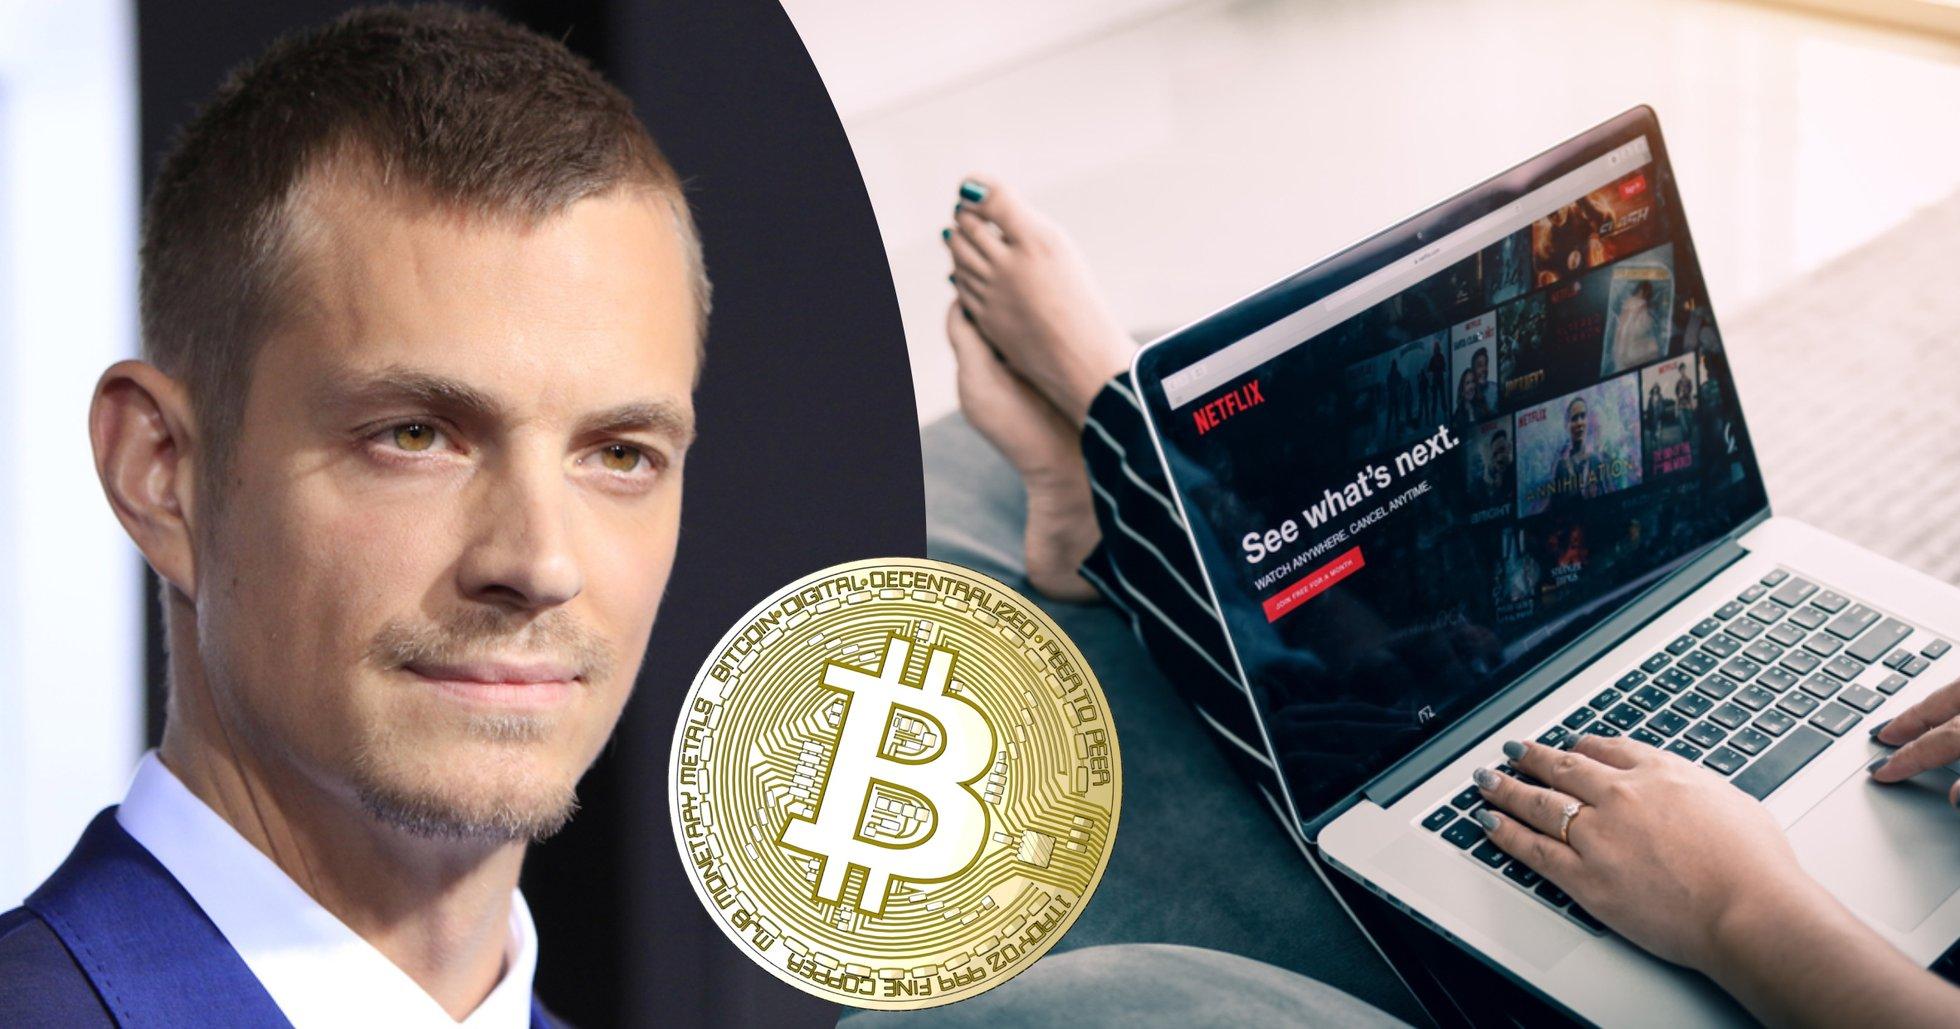 Netflix-serien Altered Carbon nämner bitcoin – men det är något som inte stämmer